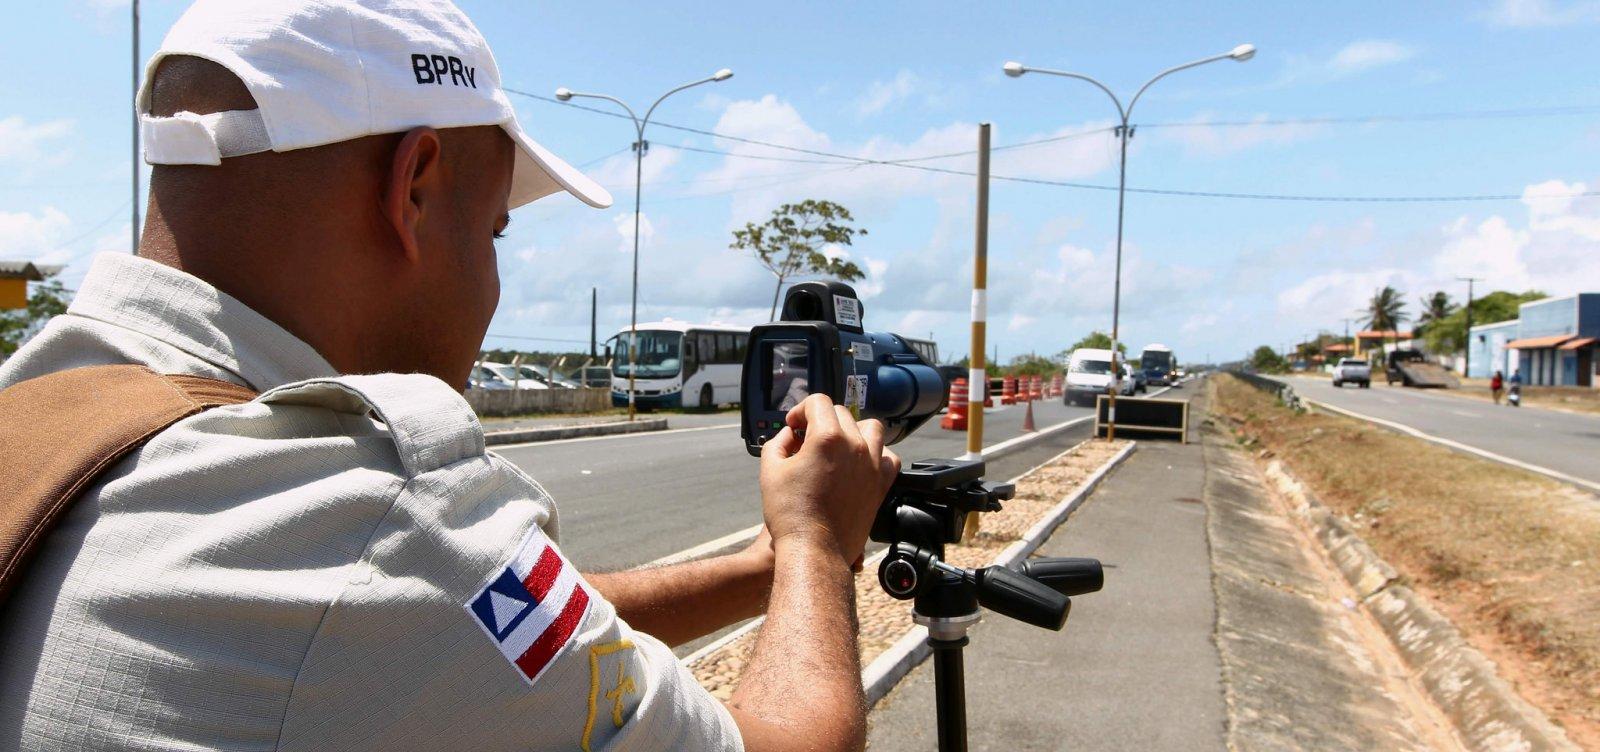 [Feriado de Corpus Christi tem redução de 44,8% de acidentes nas rodovias baianas]